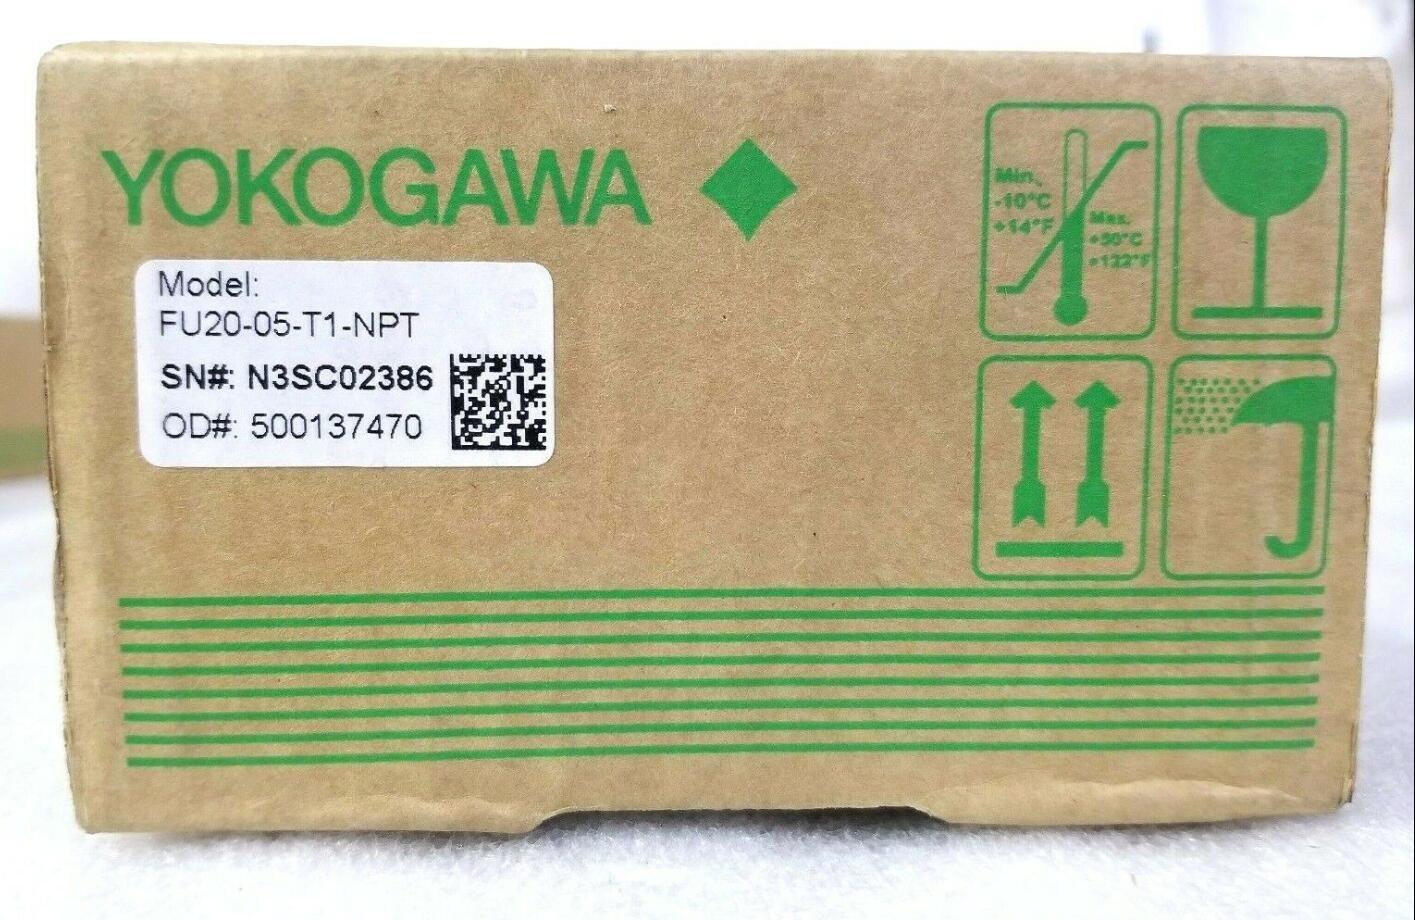 Yokogawa AIP578 S1 横河